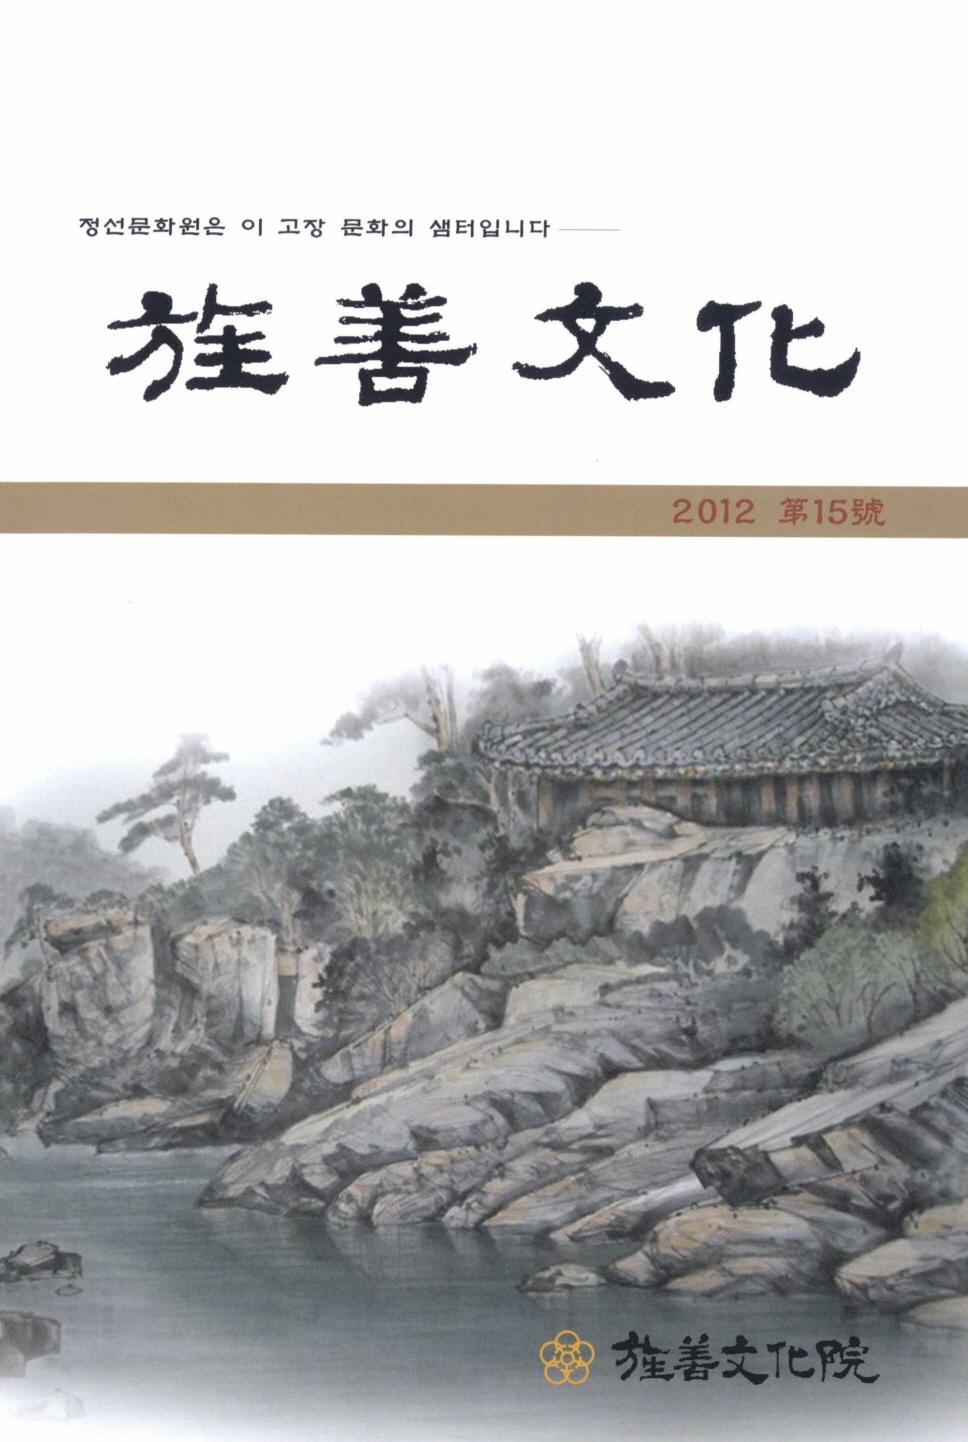 정선문화원은 이 고장 문화의 샘터입니다. 정선문화 2012 제15호